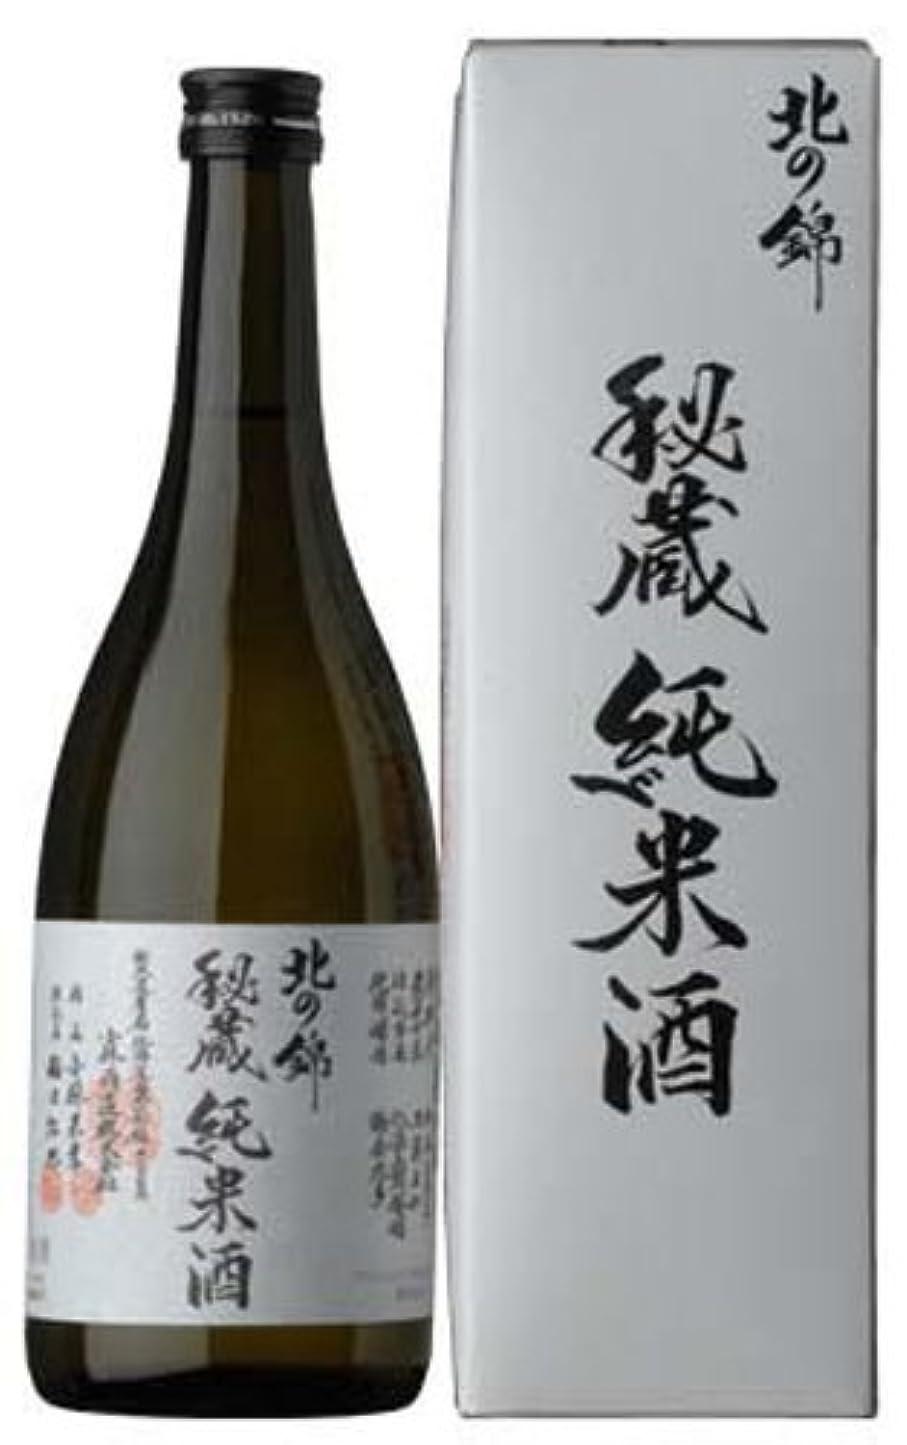 きらきらキャンプ組み込む北の錦 秘蔵純米酒 720ml